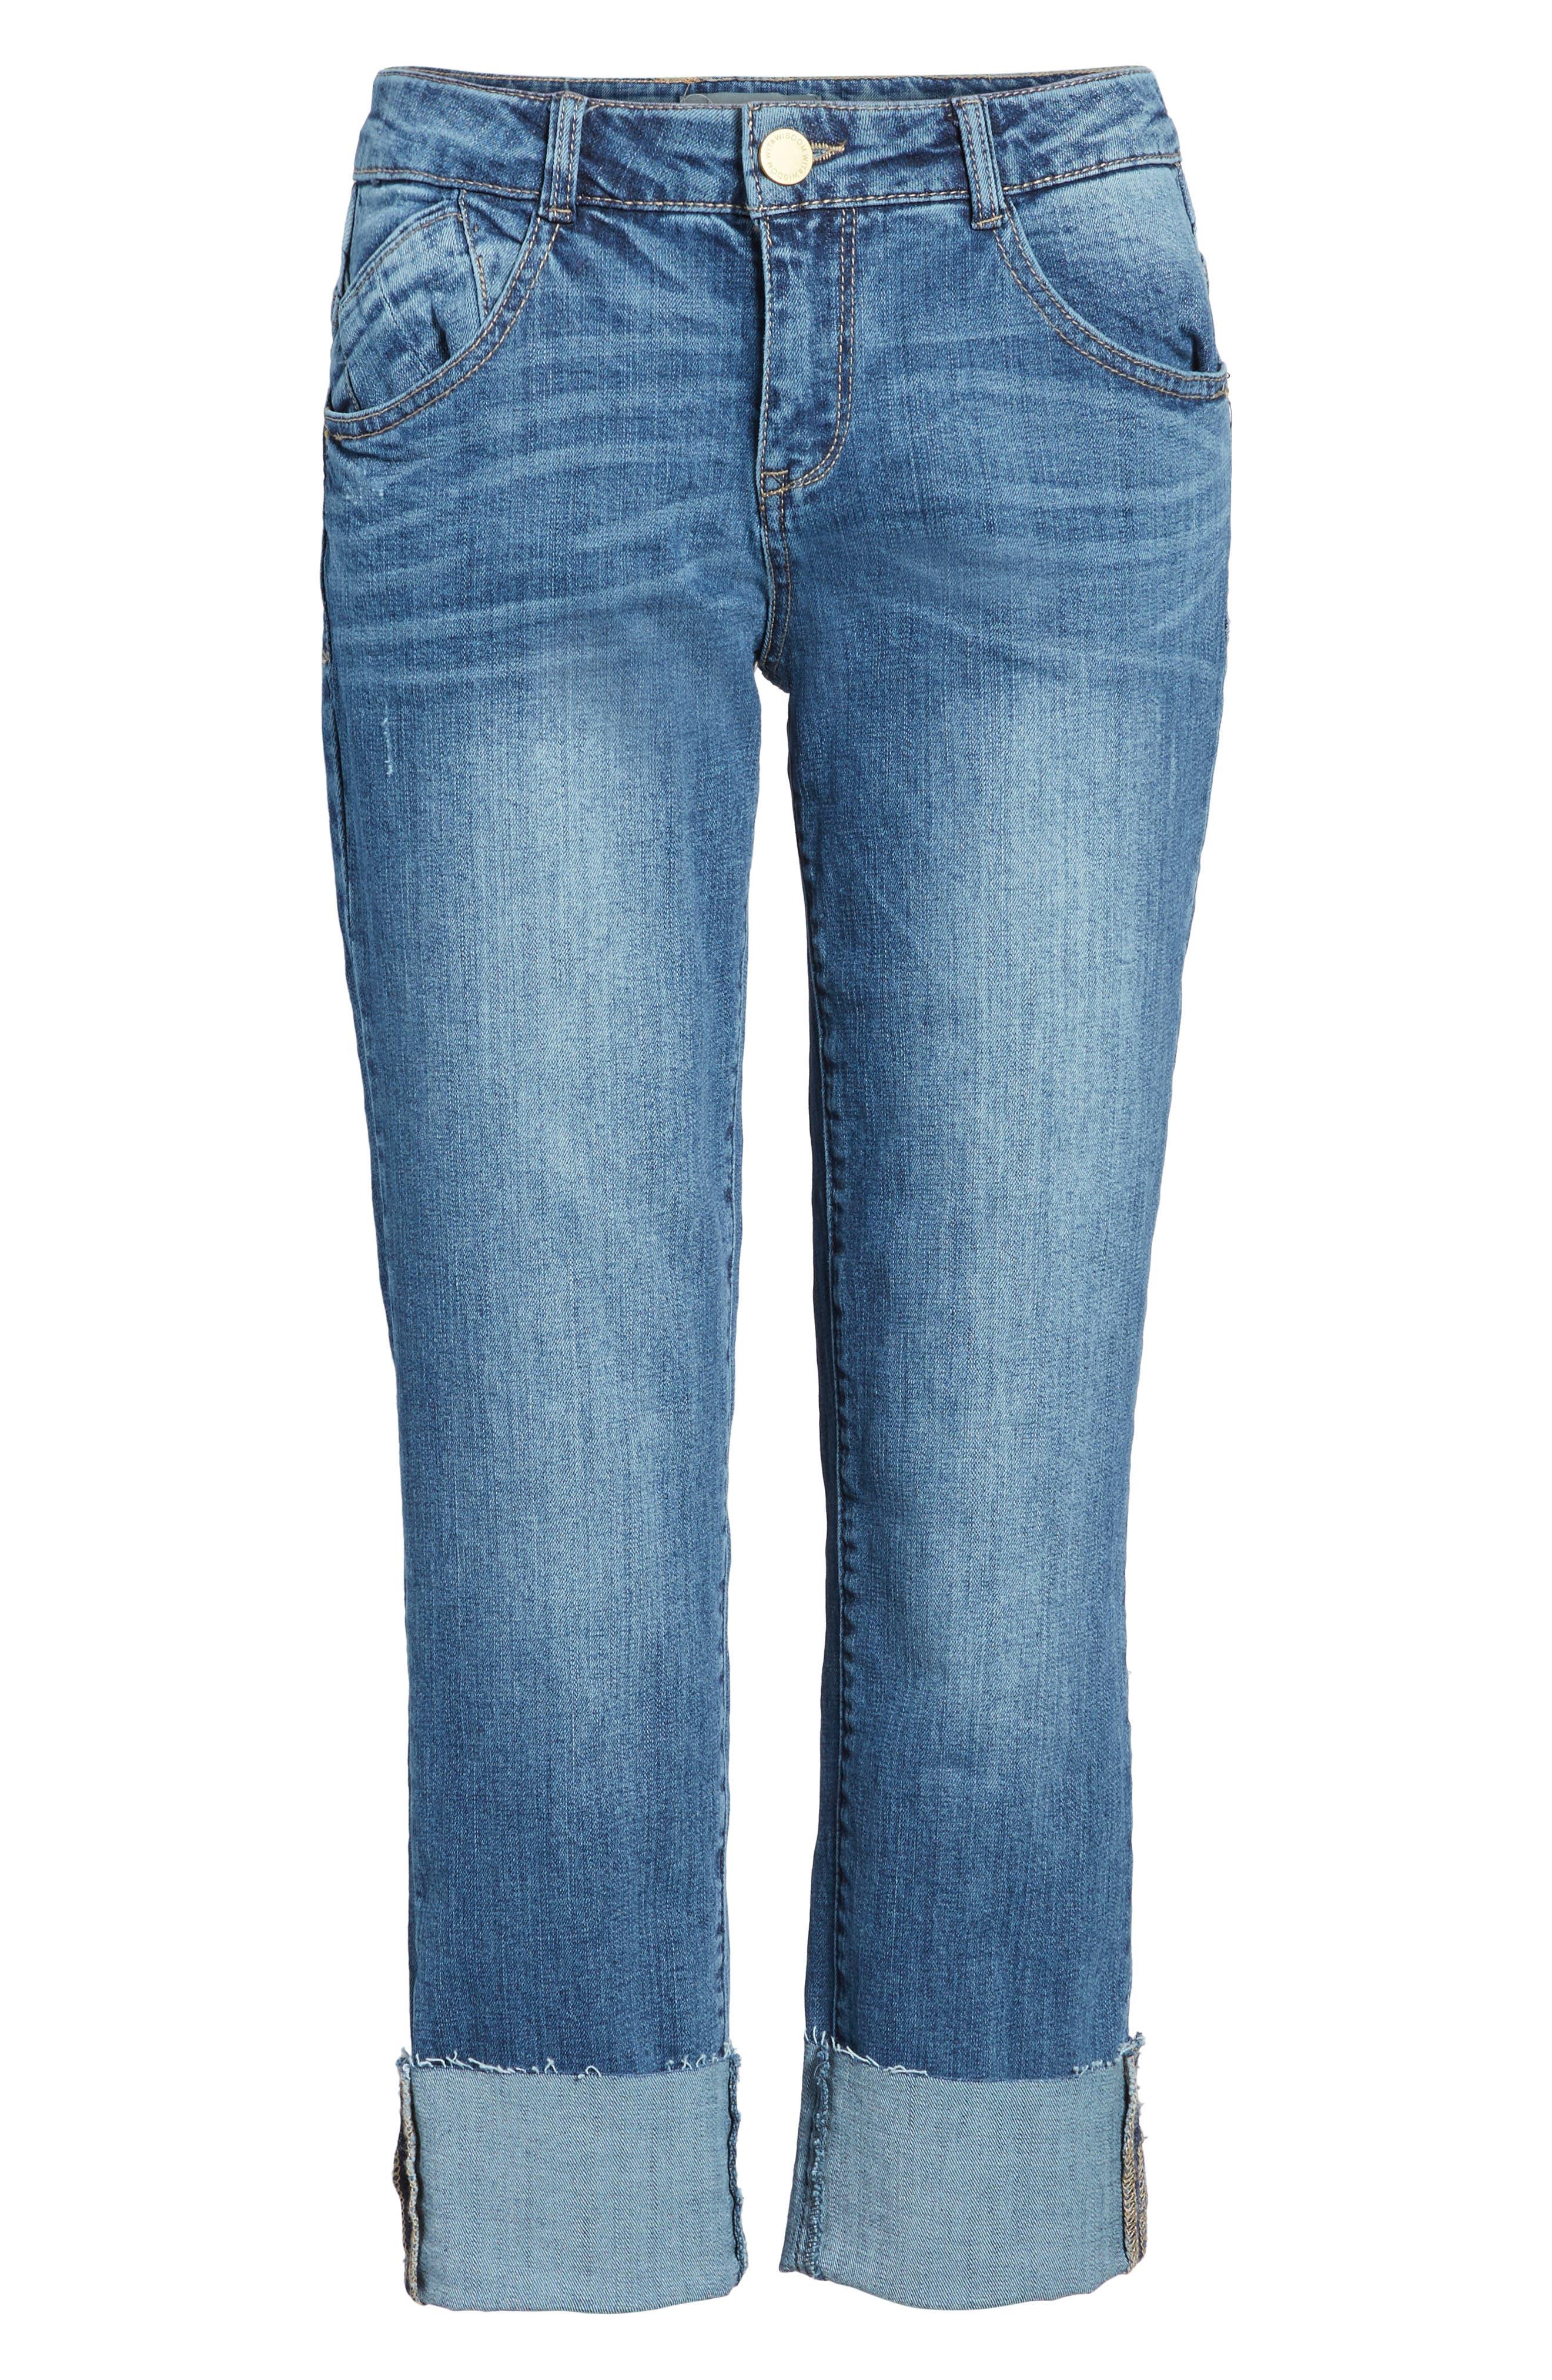 WIT & WISDOM, Flex-ellent Cuffed Boyfriend Jeans, Alternate thumbnail 7, color, BLUE